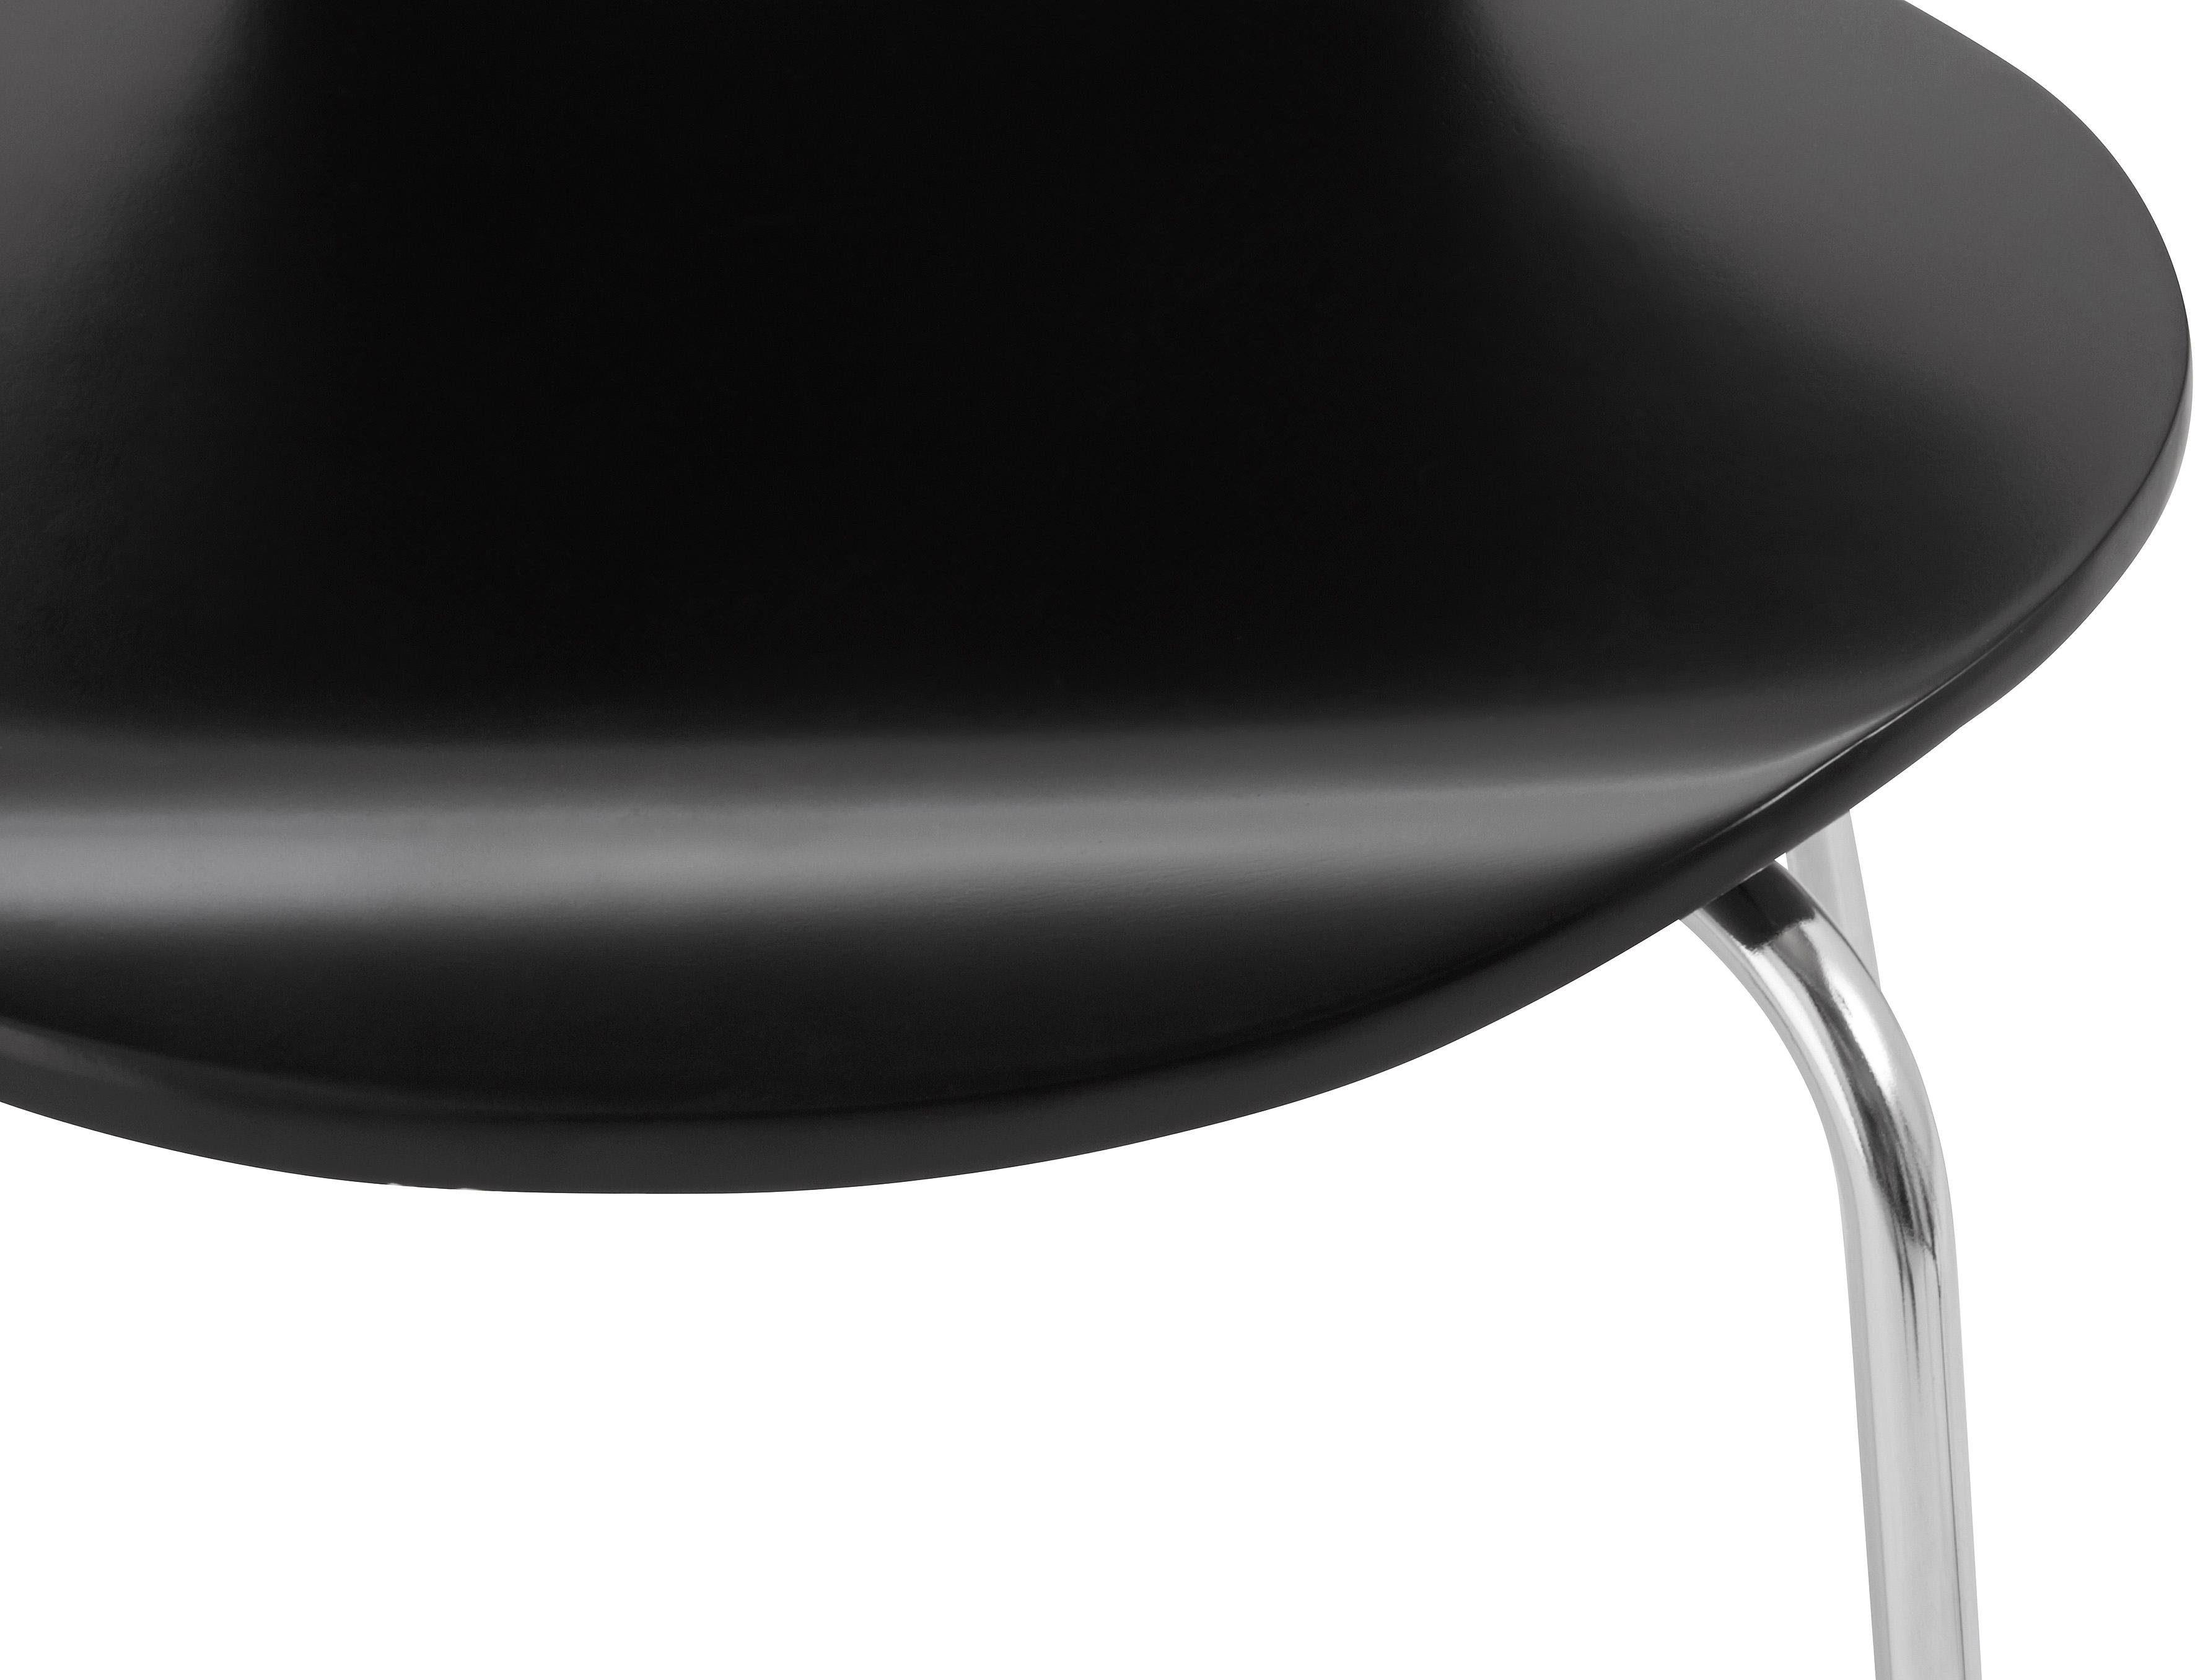 Stoel Metalen Frame : My home stoel modena« in set van of met metalen frame in